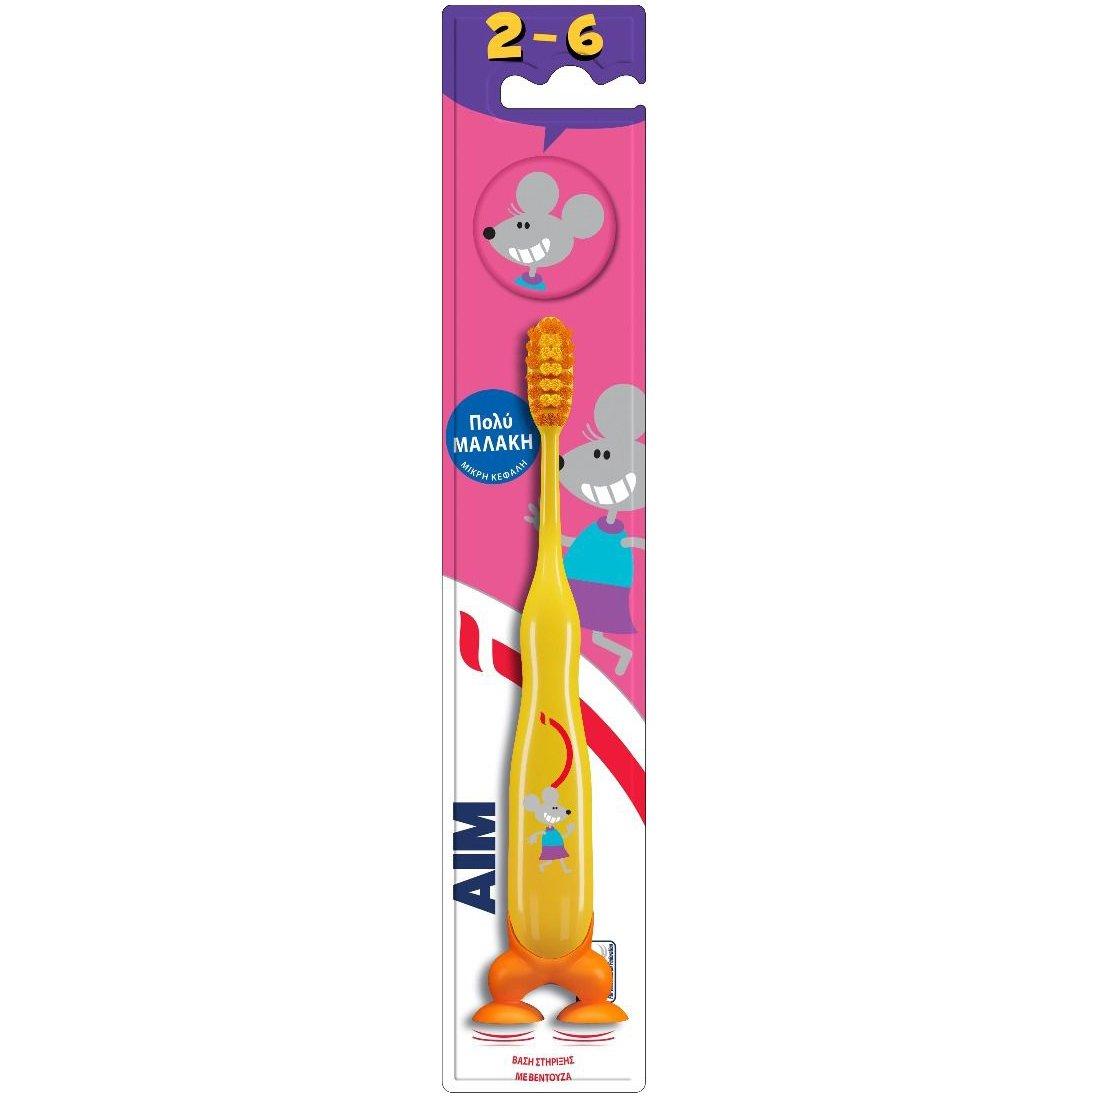 Aim Παιδική Οδοντόβουρτσα Πολύ Μαλακή με Μικρή Κεφαλή, Βάση Στήριξης με Βεντούζα & Καπάκι Προστατευτικό, από 2-6 Ετών 1 Τεμάχιο – κίτρινο